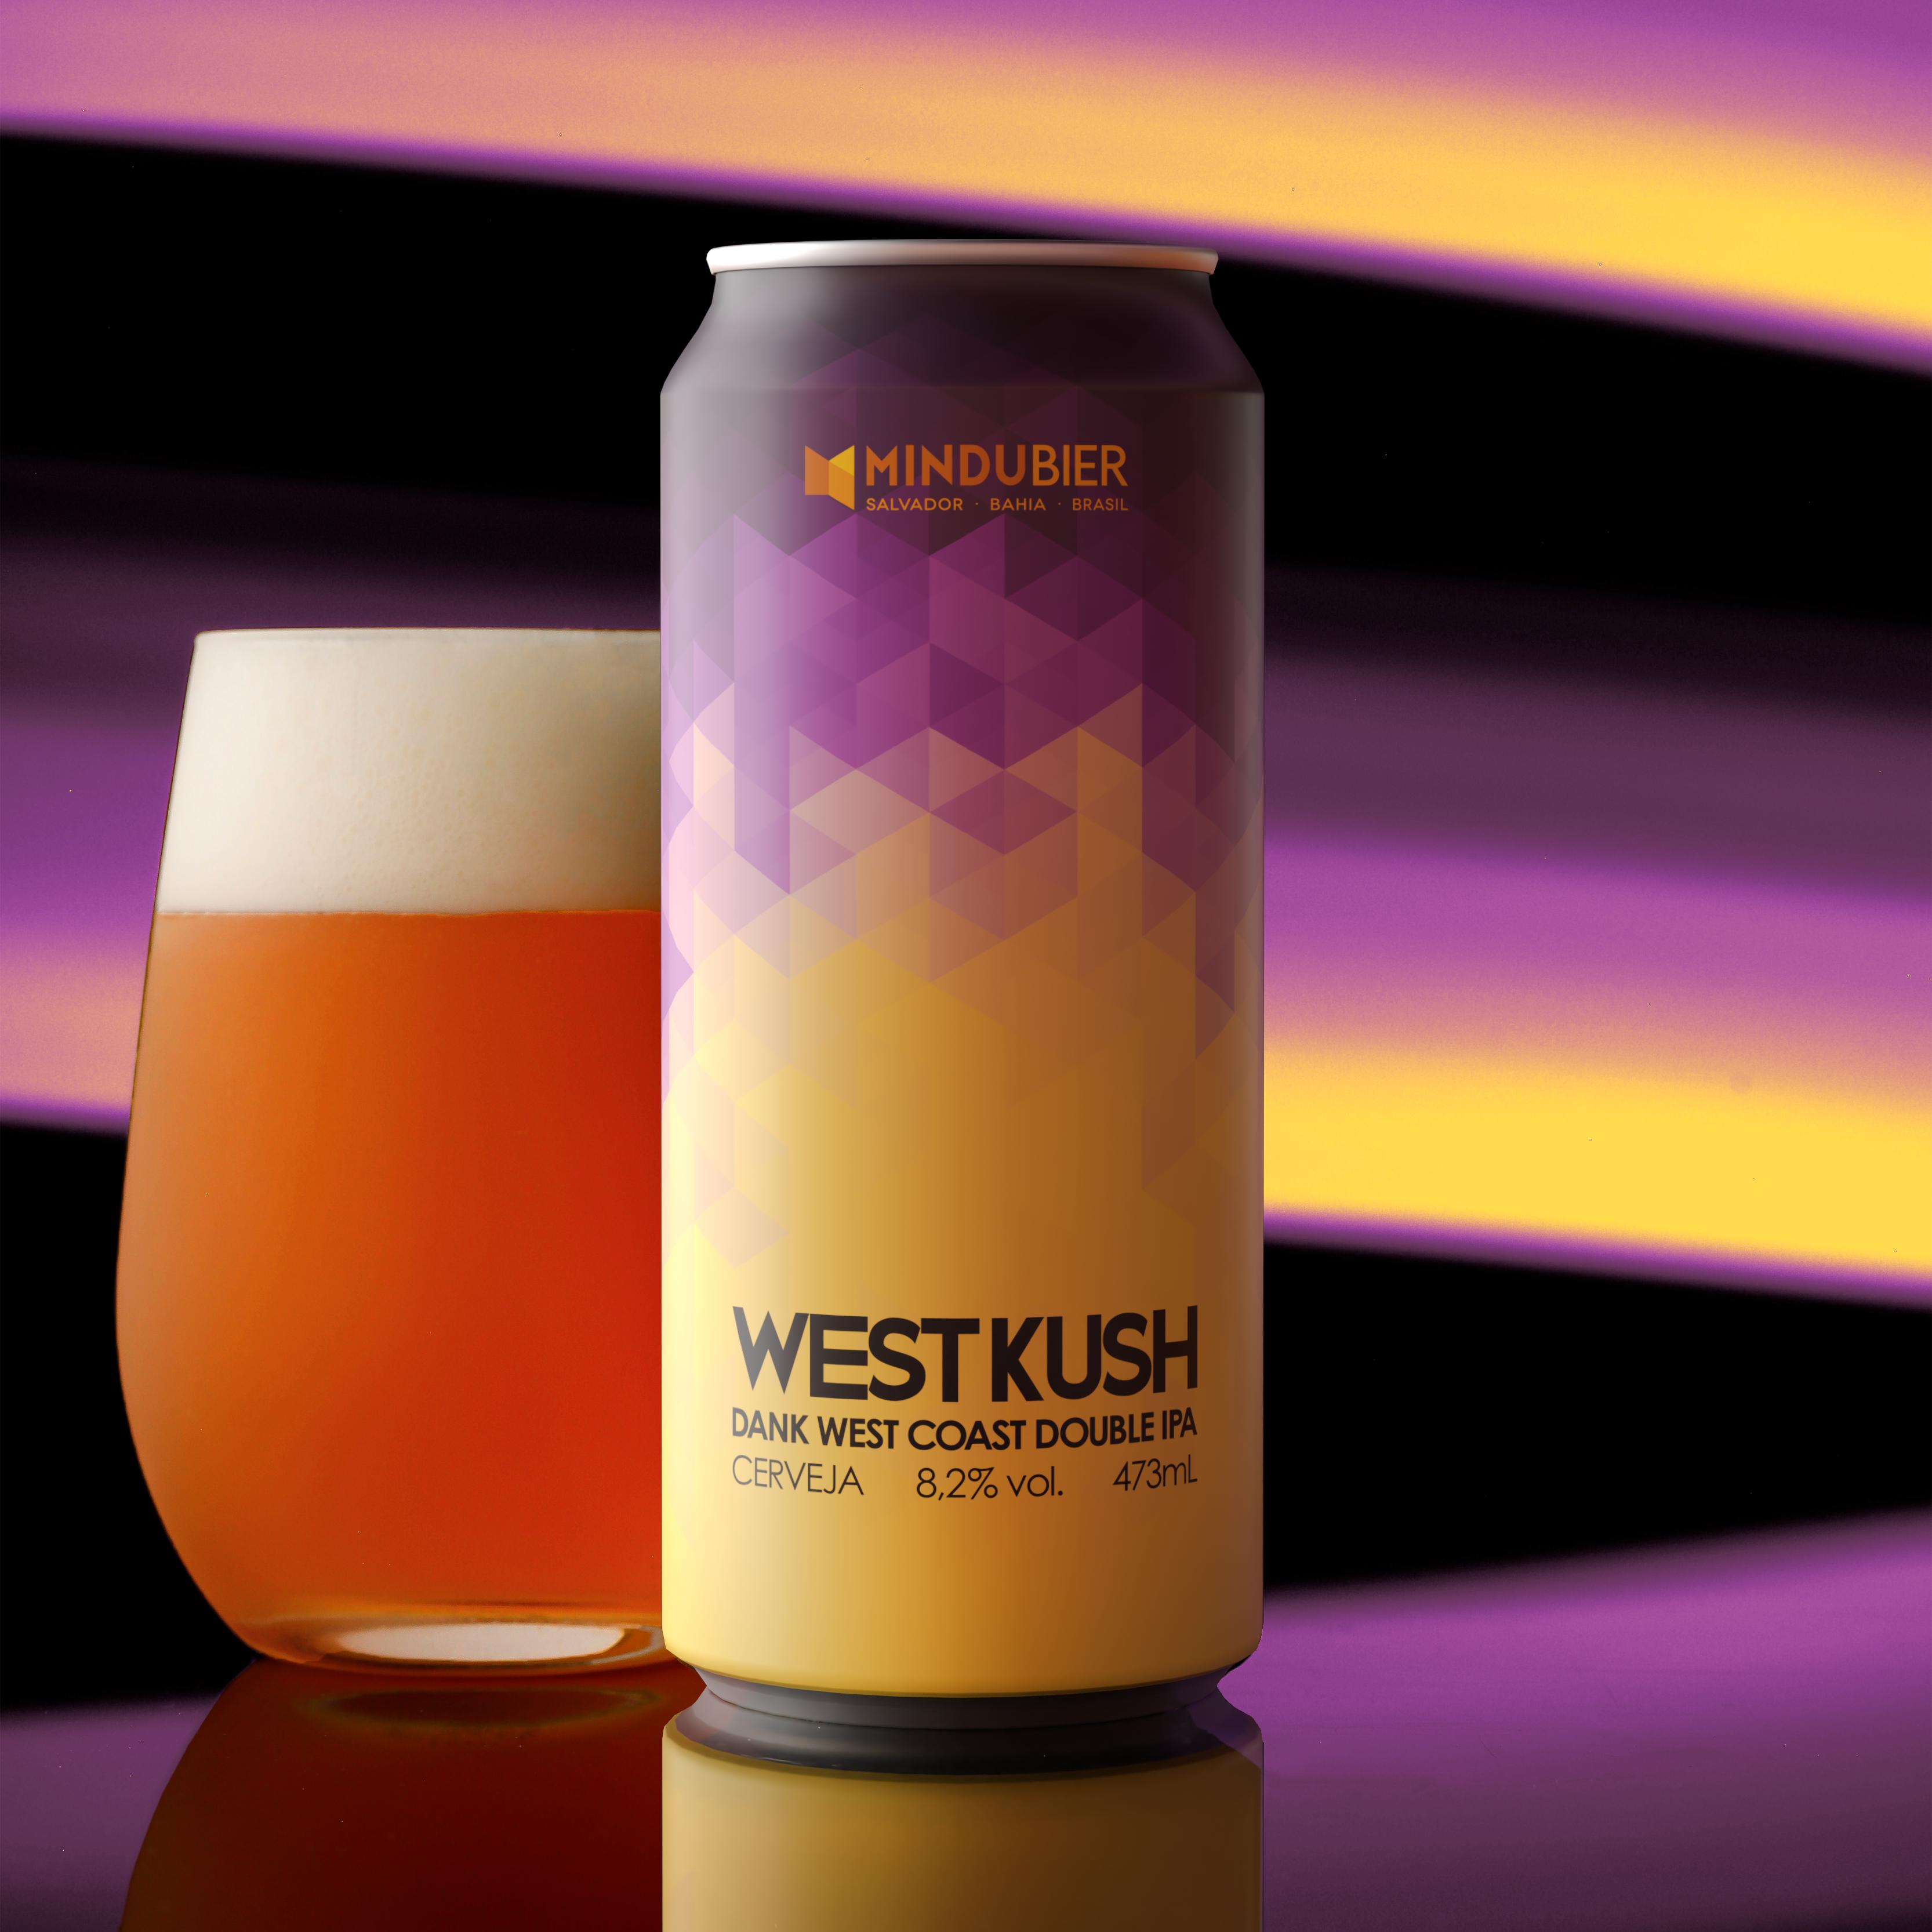 West Kush